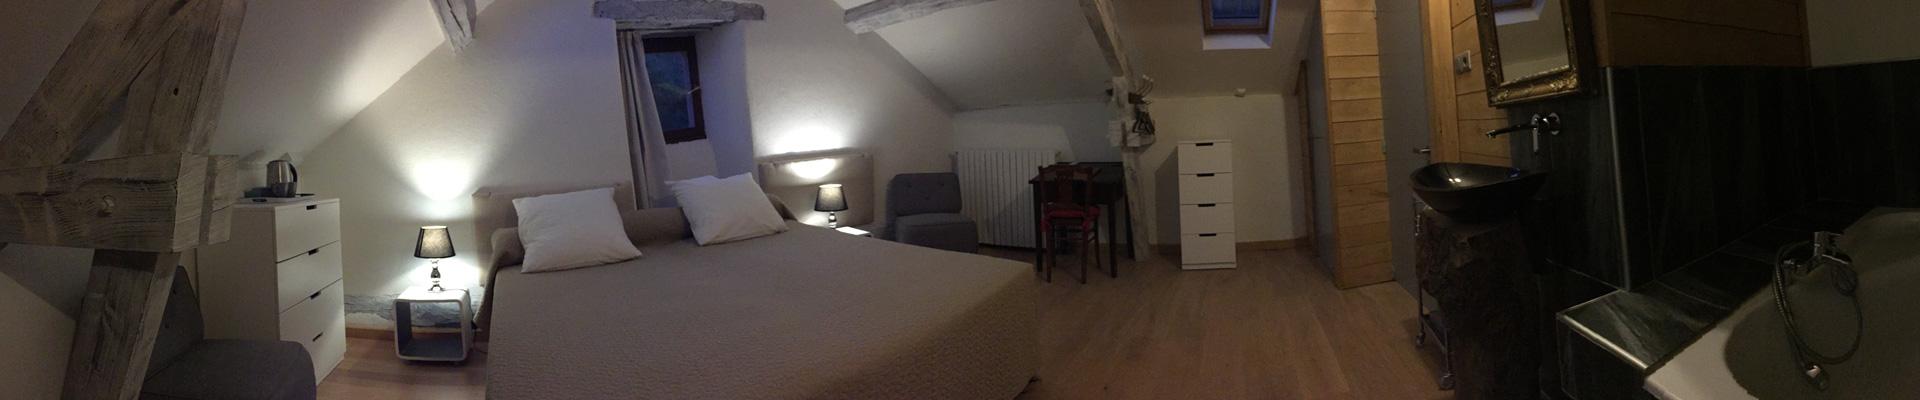 Chambre d'hôte Donjon à Nant, vue panoramique